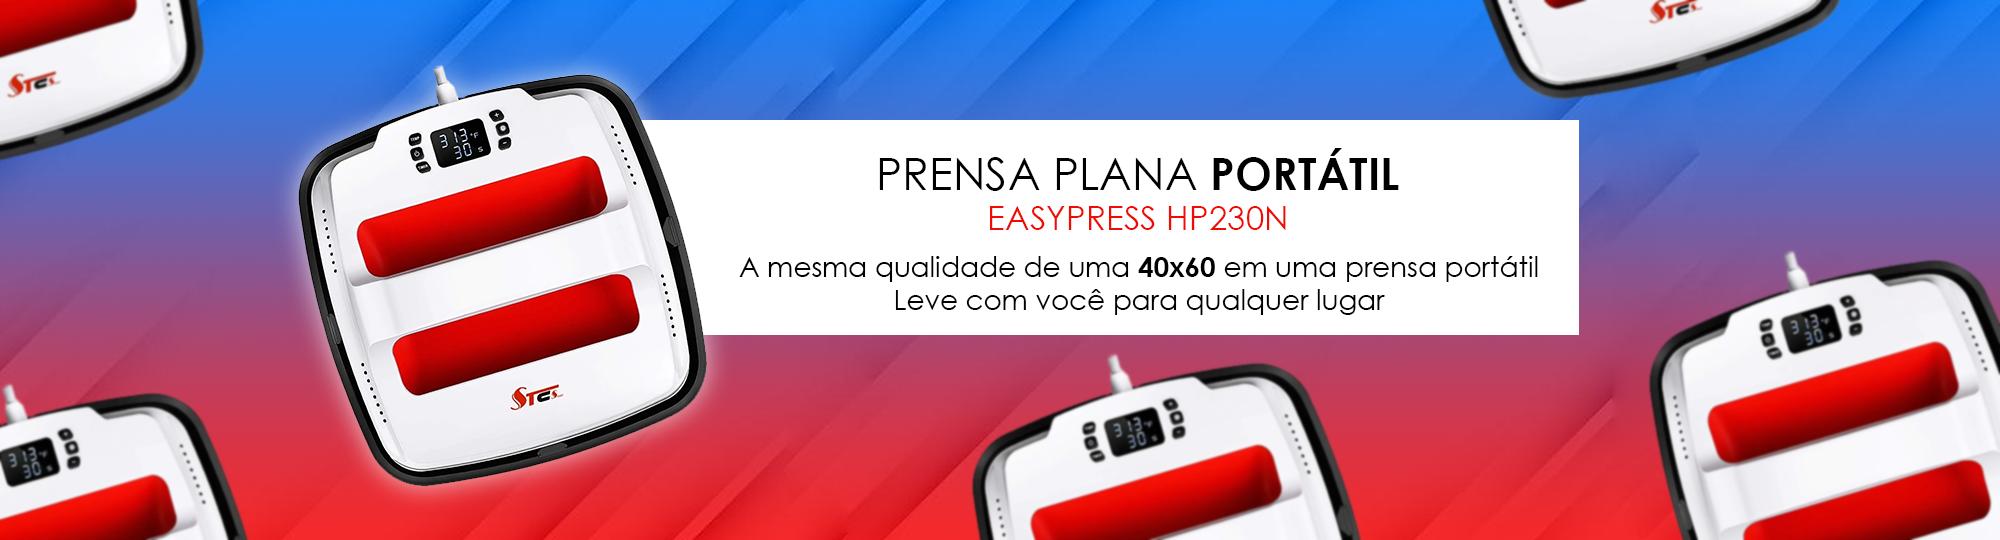 Prensa Plana Portátil